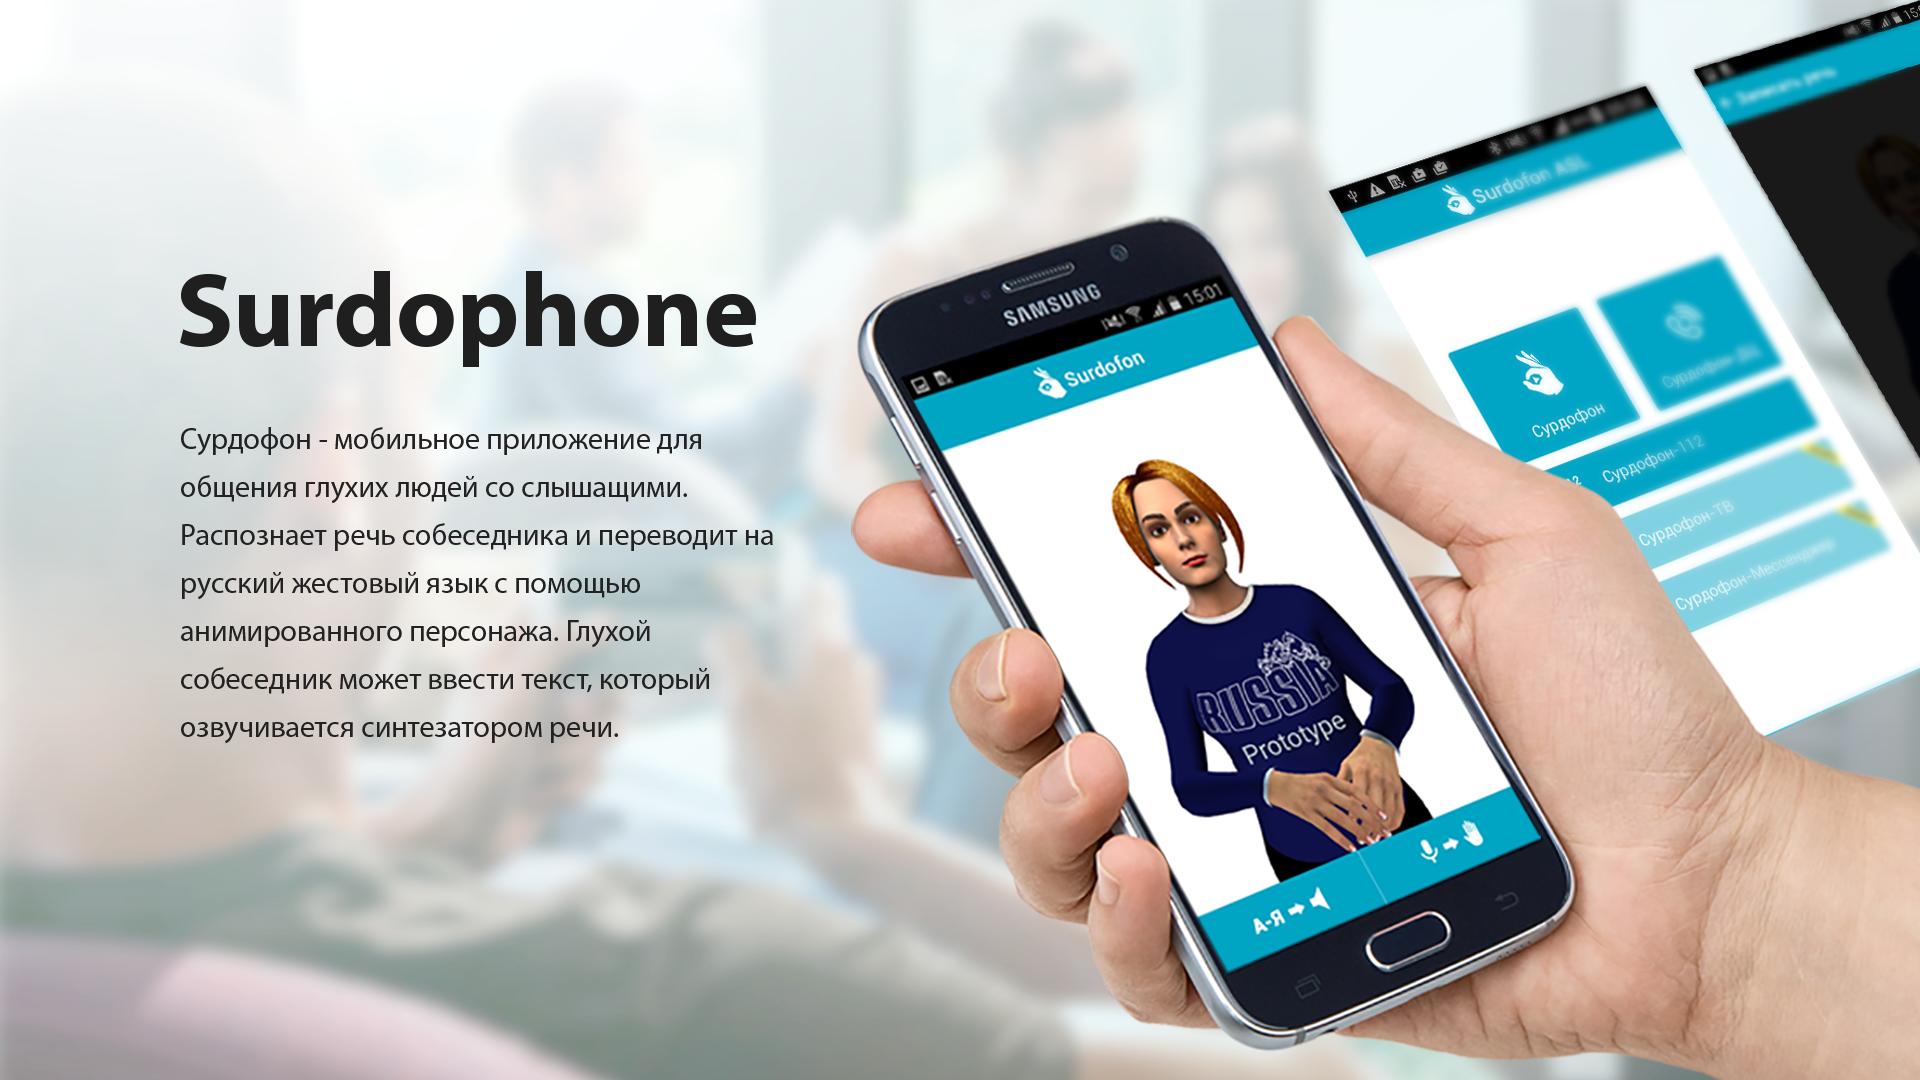 Мобильное приложение для Surdophone